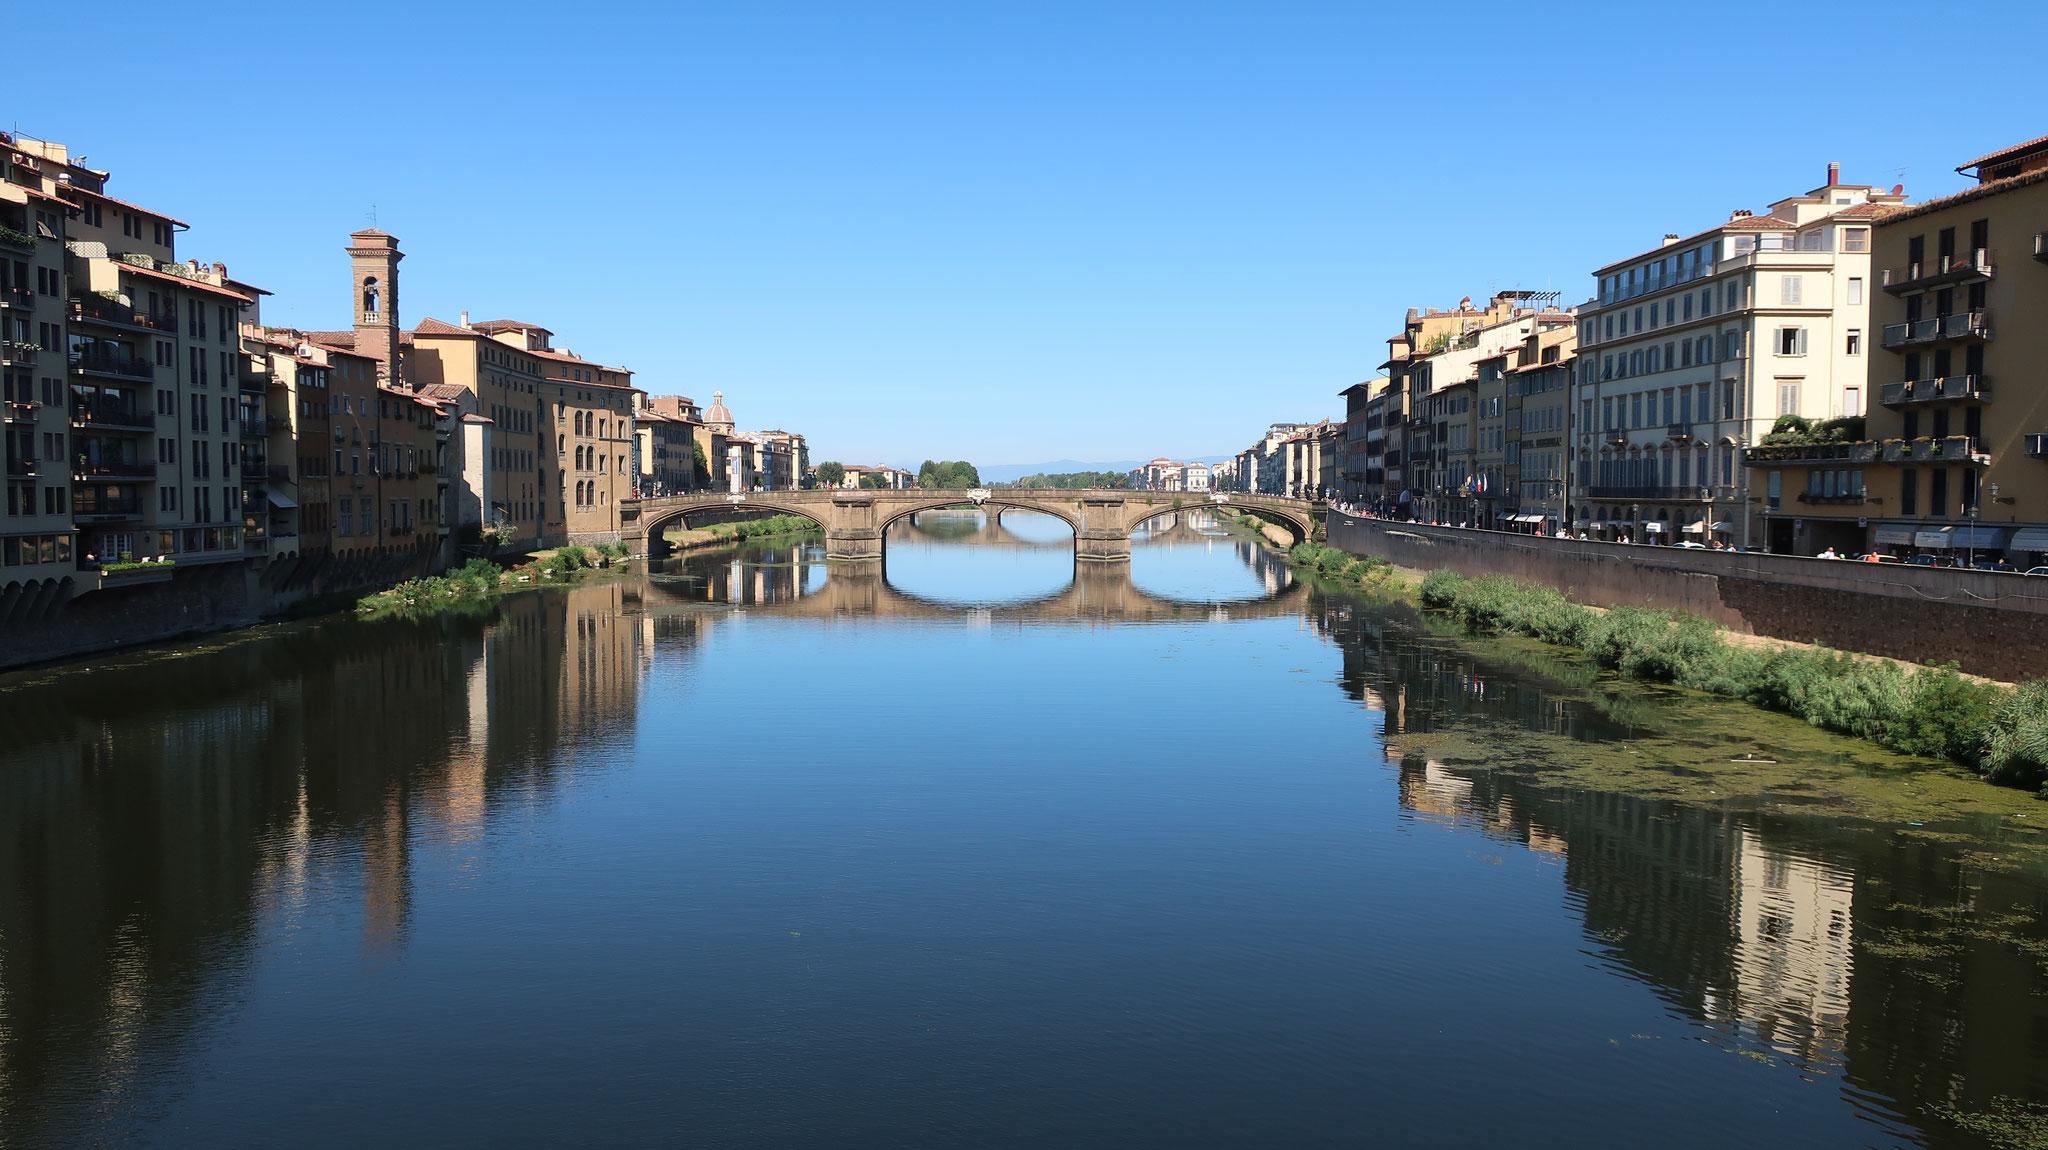 ヴェッキオ橋からアルノ川を望みます。向こうに見えるのはサンタ・トリニタ橋で、世界最古の楕円アーチ橋です。